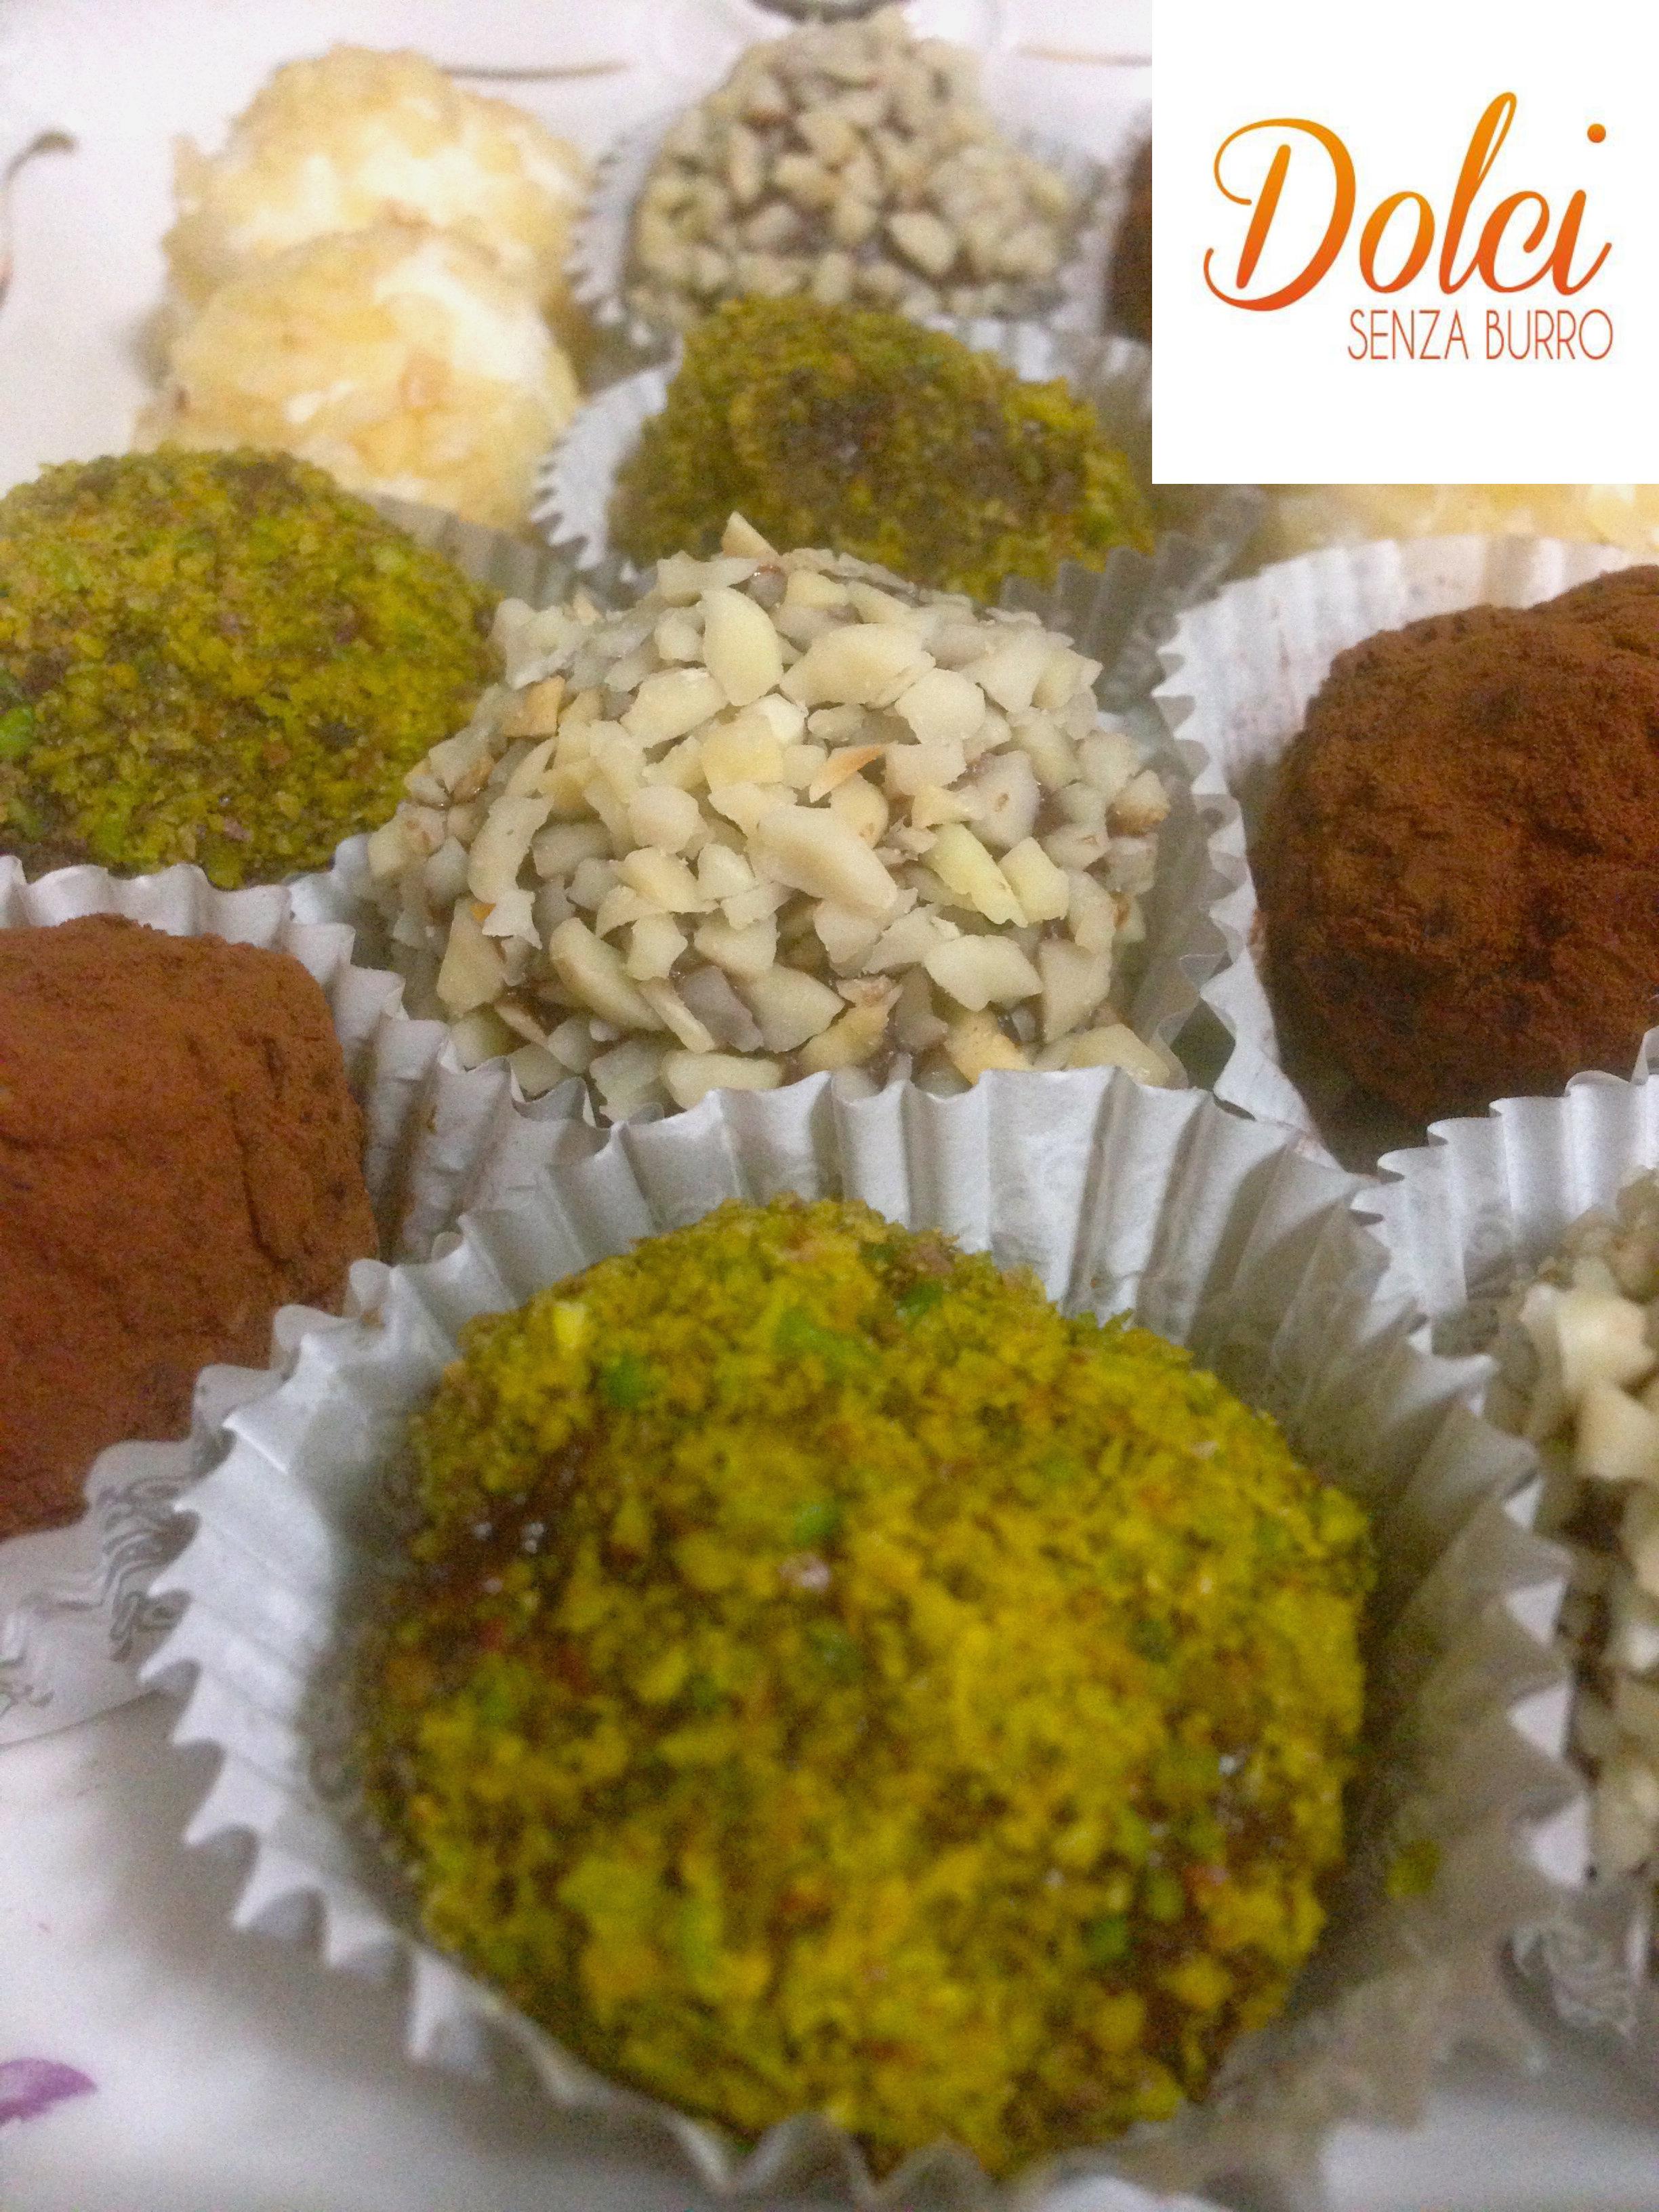 I Tartufi al Cioccolato Senza Burro di dolci senza burro